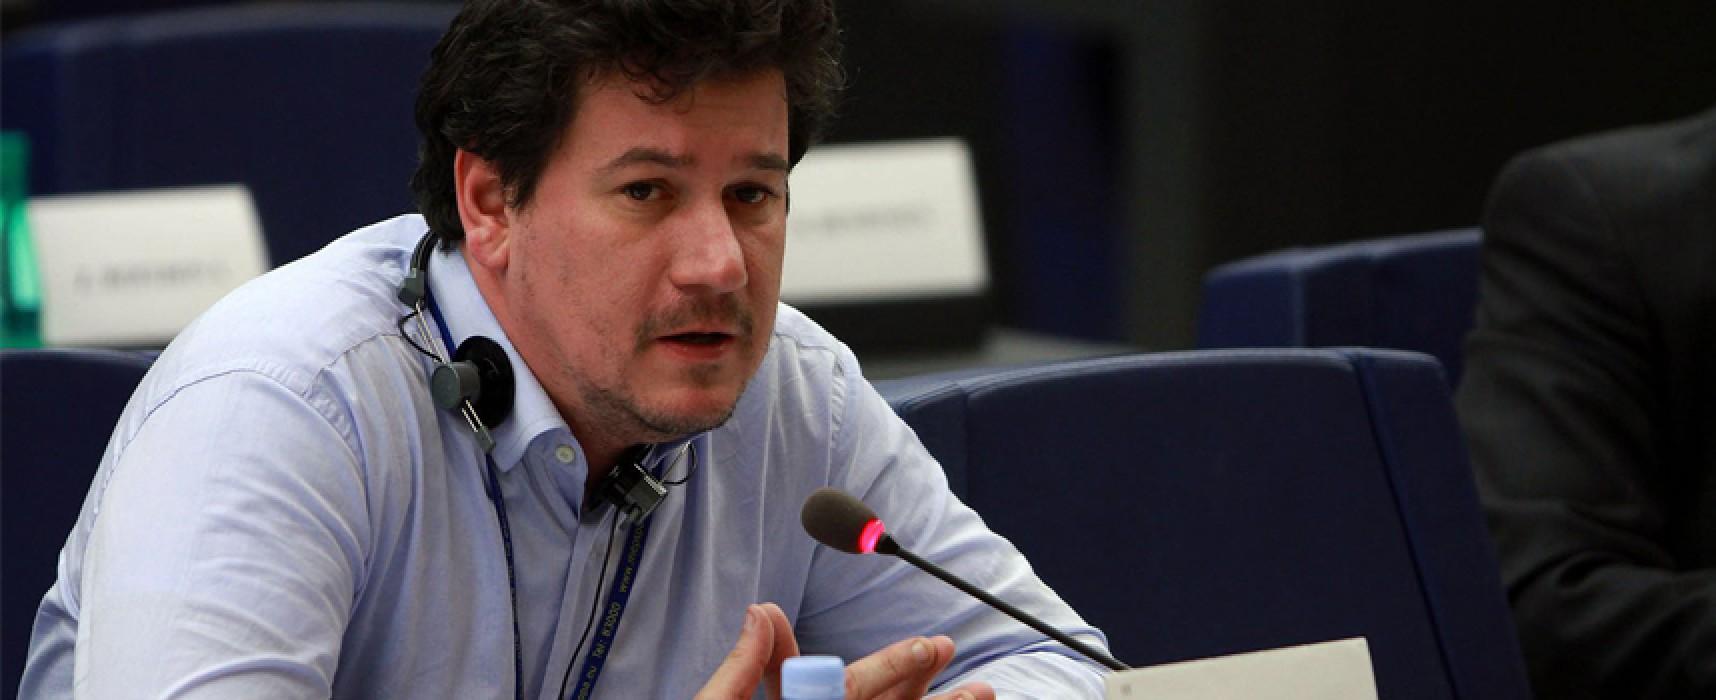 Sergio Silvestris non rieletto al Parlamento europeo e sconfitto a Bisceglie da Di Pierro e Spina